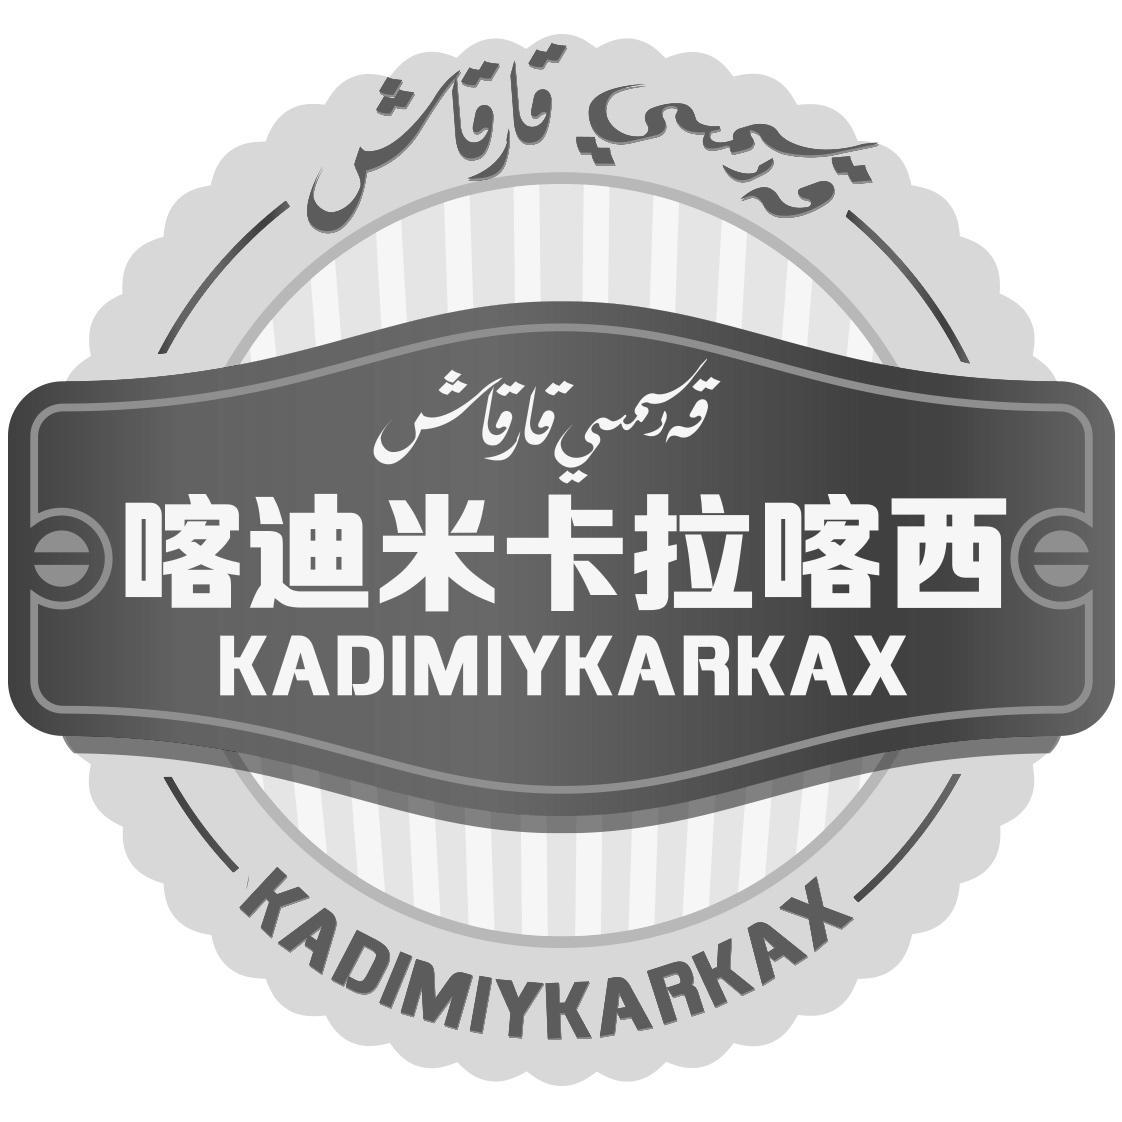 商标文字喀迪米卡拉喀西 KADIMIYKARKAX商标注册号 32807916、商标申请人阿卜杜合力力?图尔迪的商标详情 - 标库网商标查询